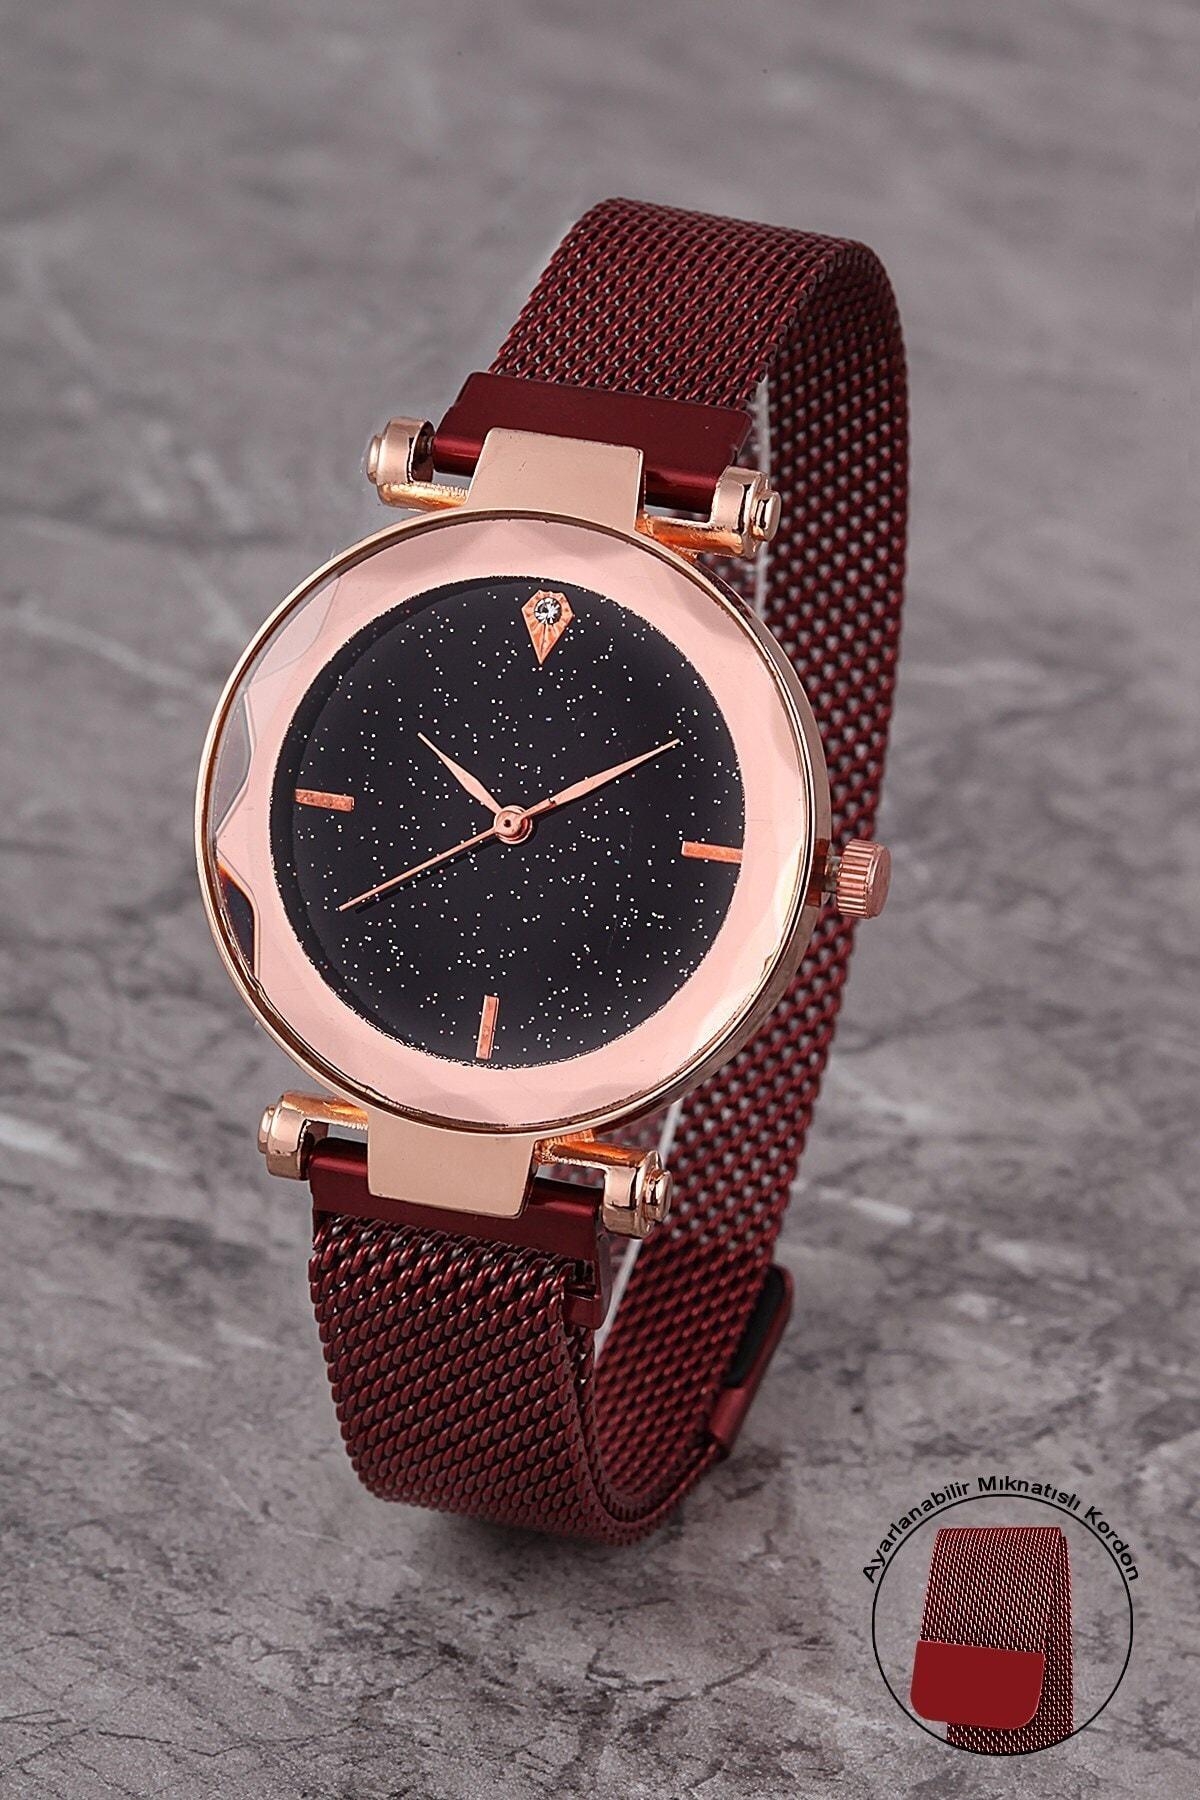 Polo55 Plkhm008r04 Kadın Saat Çizgili Prizma Kadran Mıknatıslı Hasır Kordon 1